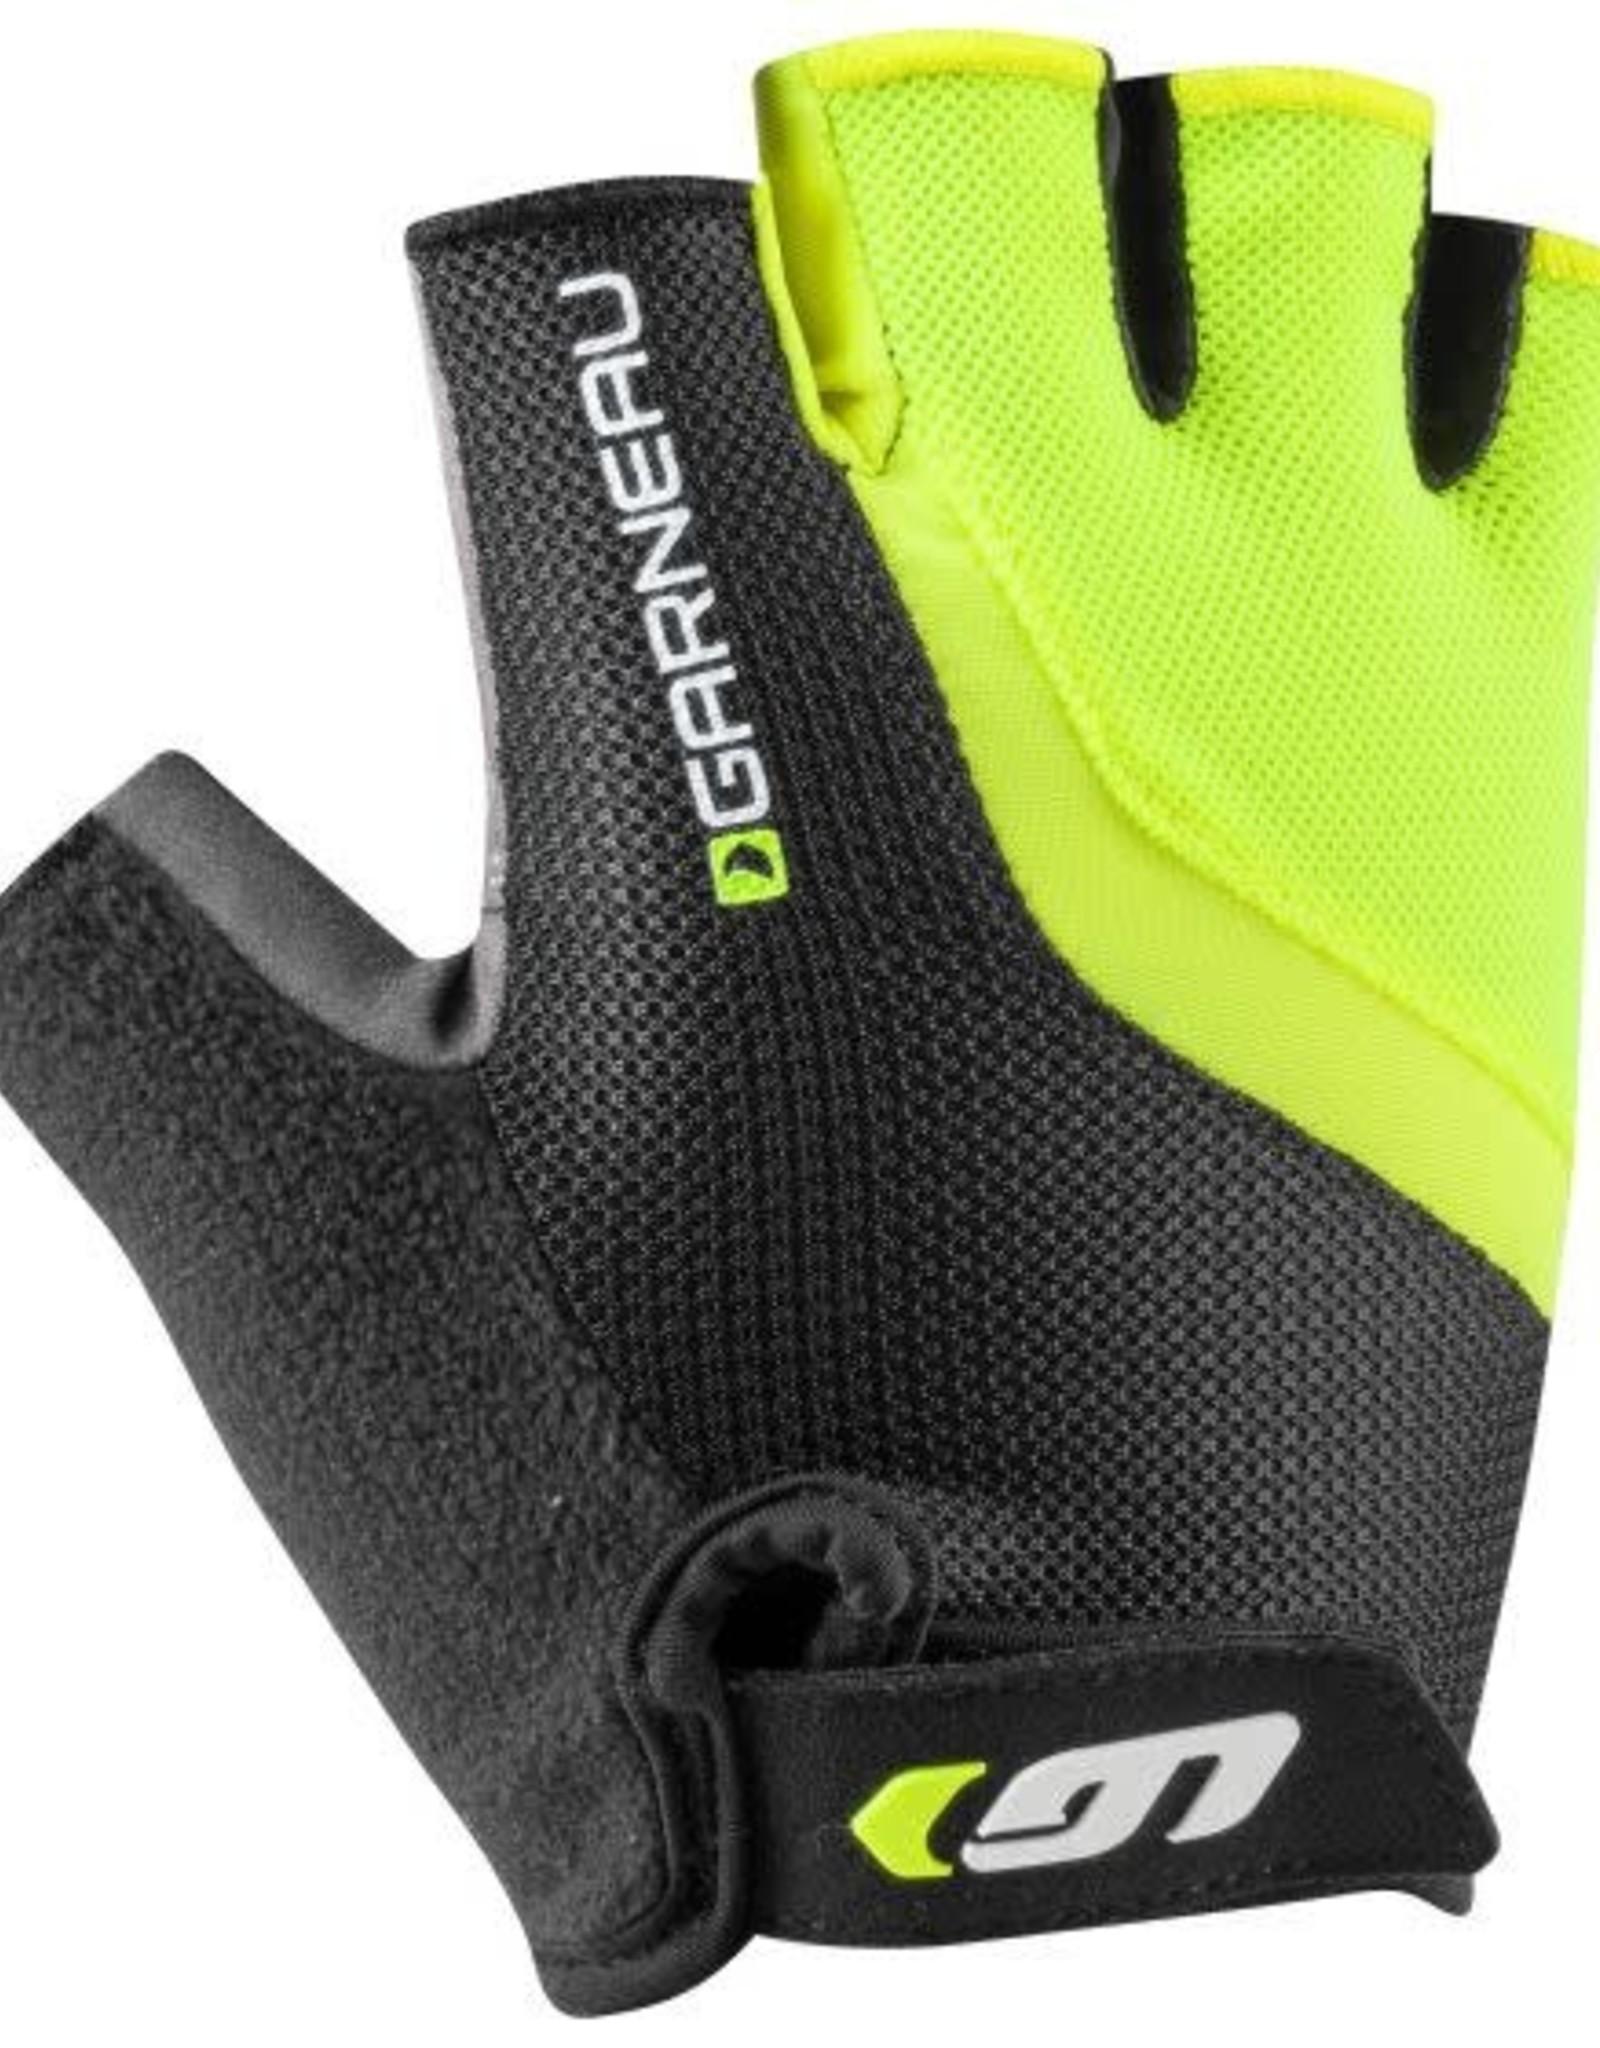 Garneau GARNEAU Biogel RX-V Gloves S19